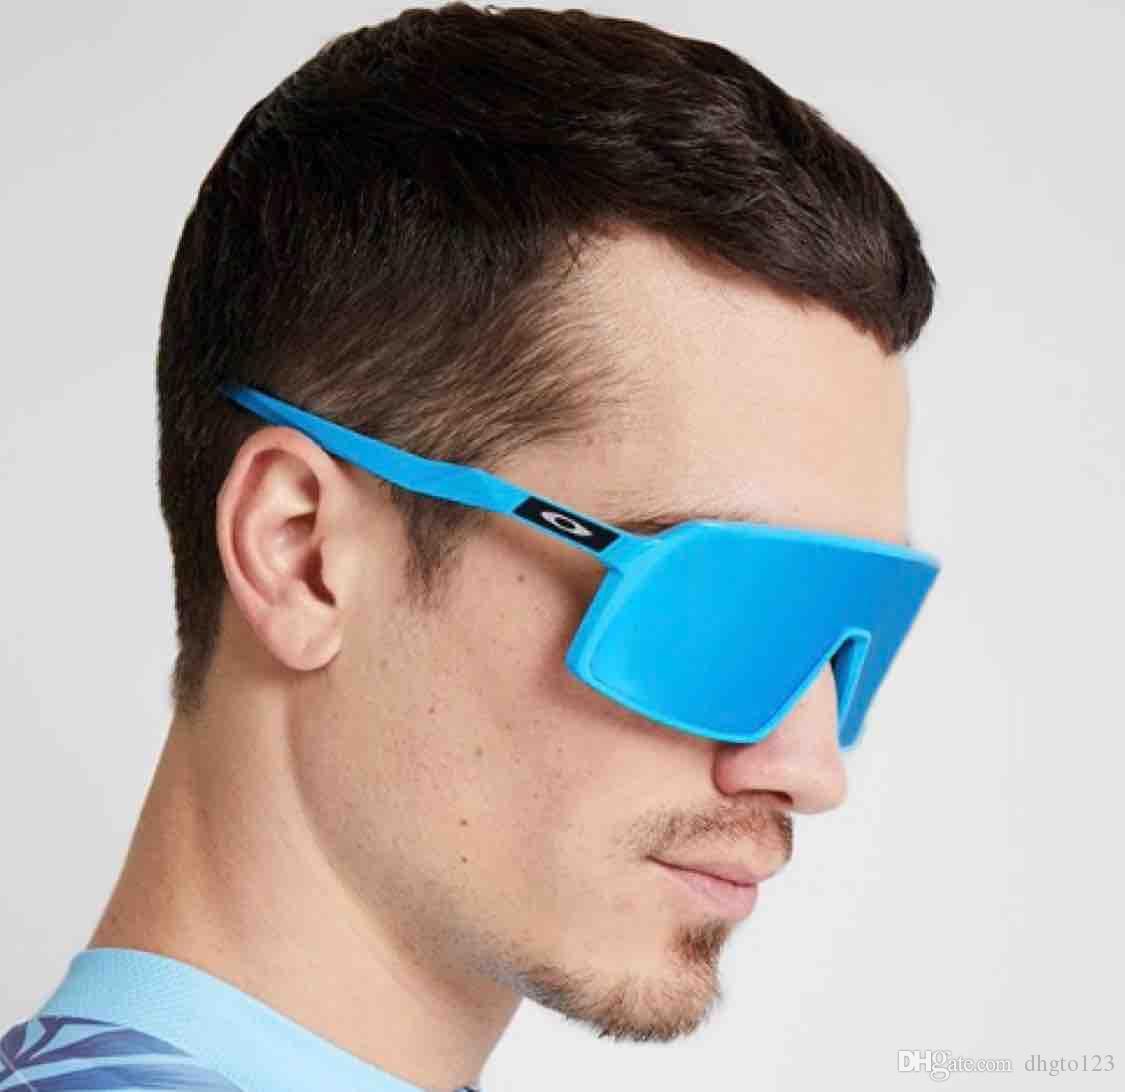 Nova moda sutro polarizada ciclismo óculos homens mulheres bicicleta rosa bicicleta esportes 009406a 3 pares lente ao ar livre ciclismo óculos de sol bicicleta eyewear